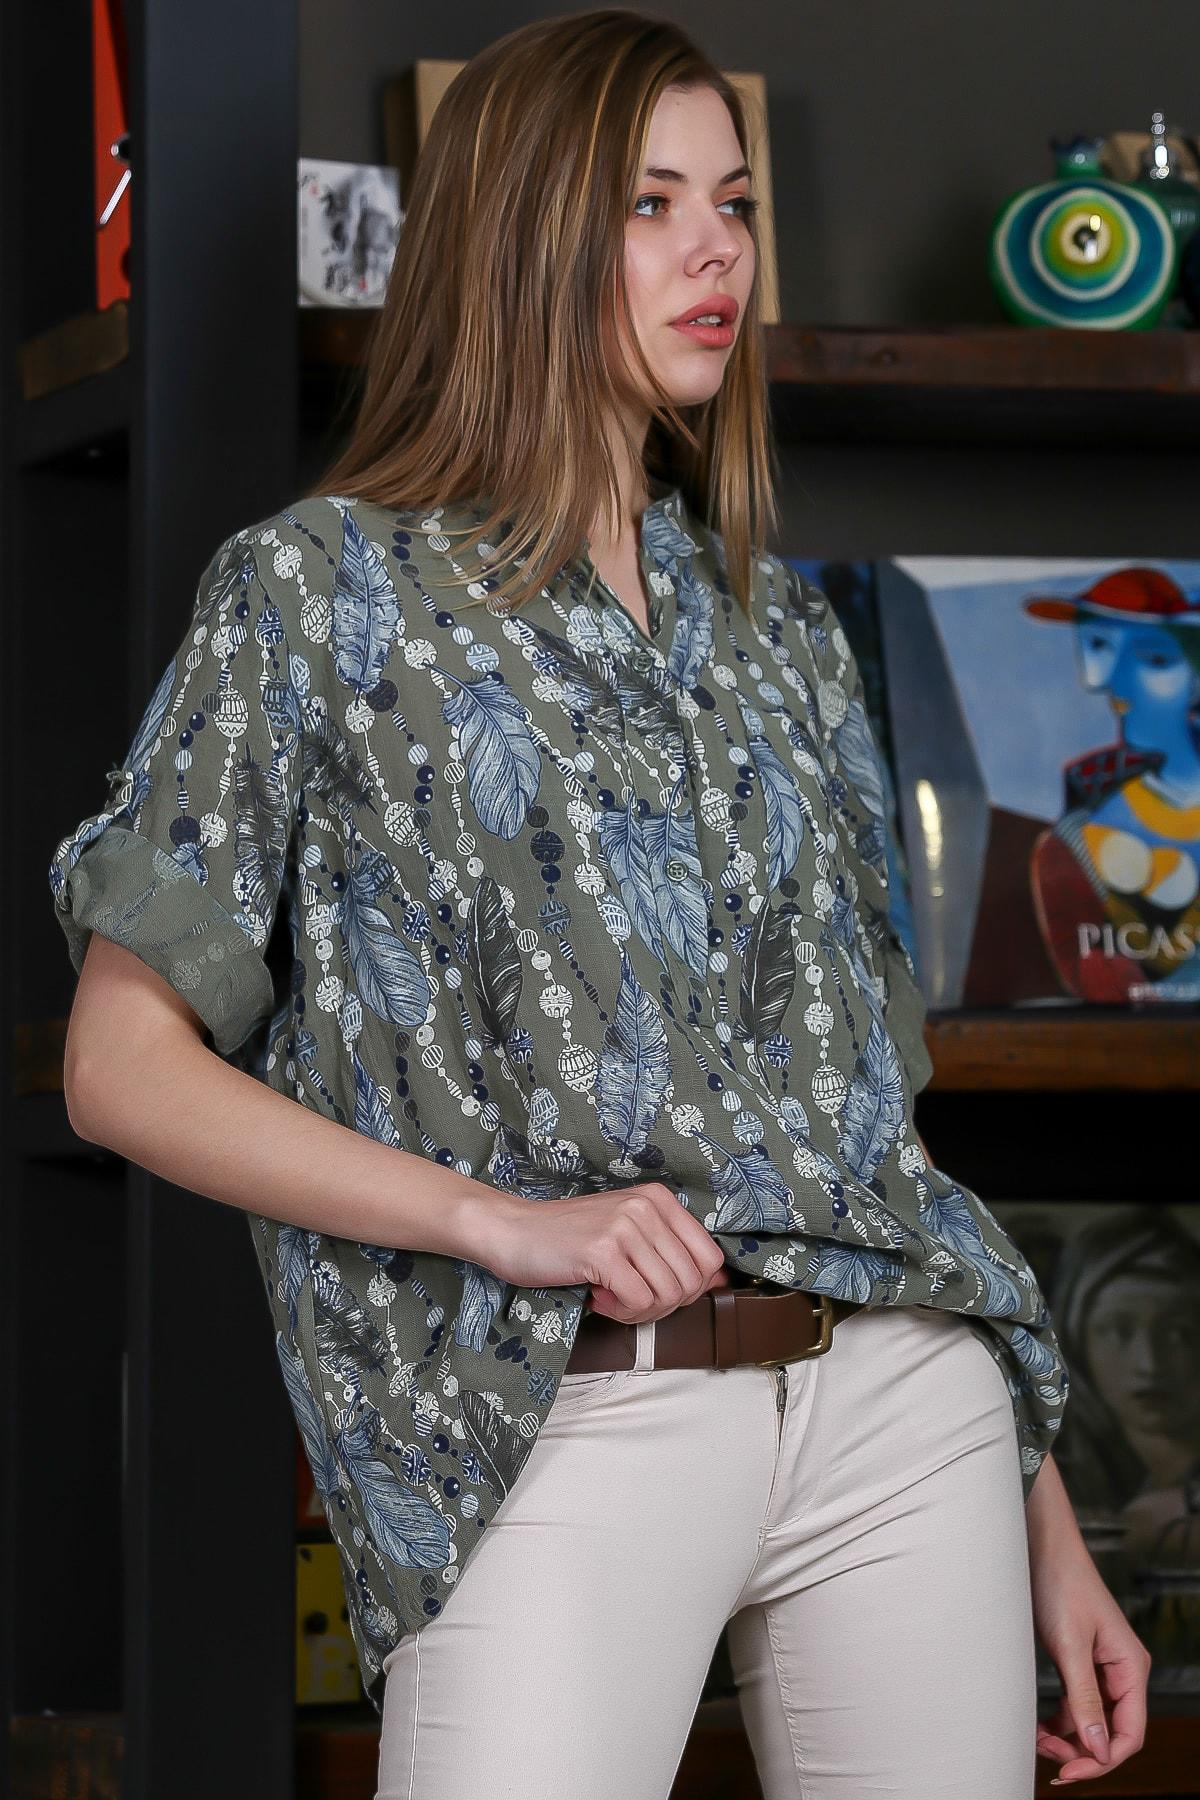 Chiccy Kadın Yeşil İtalyan Tüy Desenli Yakası Patlı Düğme Detaylı 3/4 Ayarlı Kol Bluz M10010200BL95504